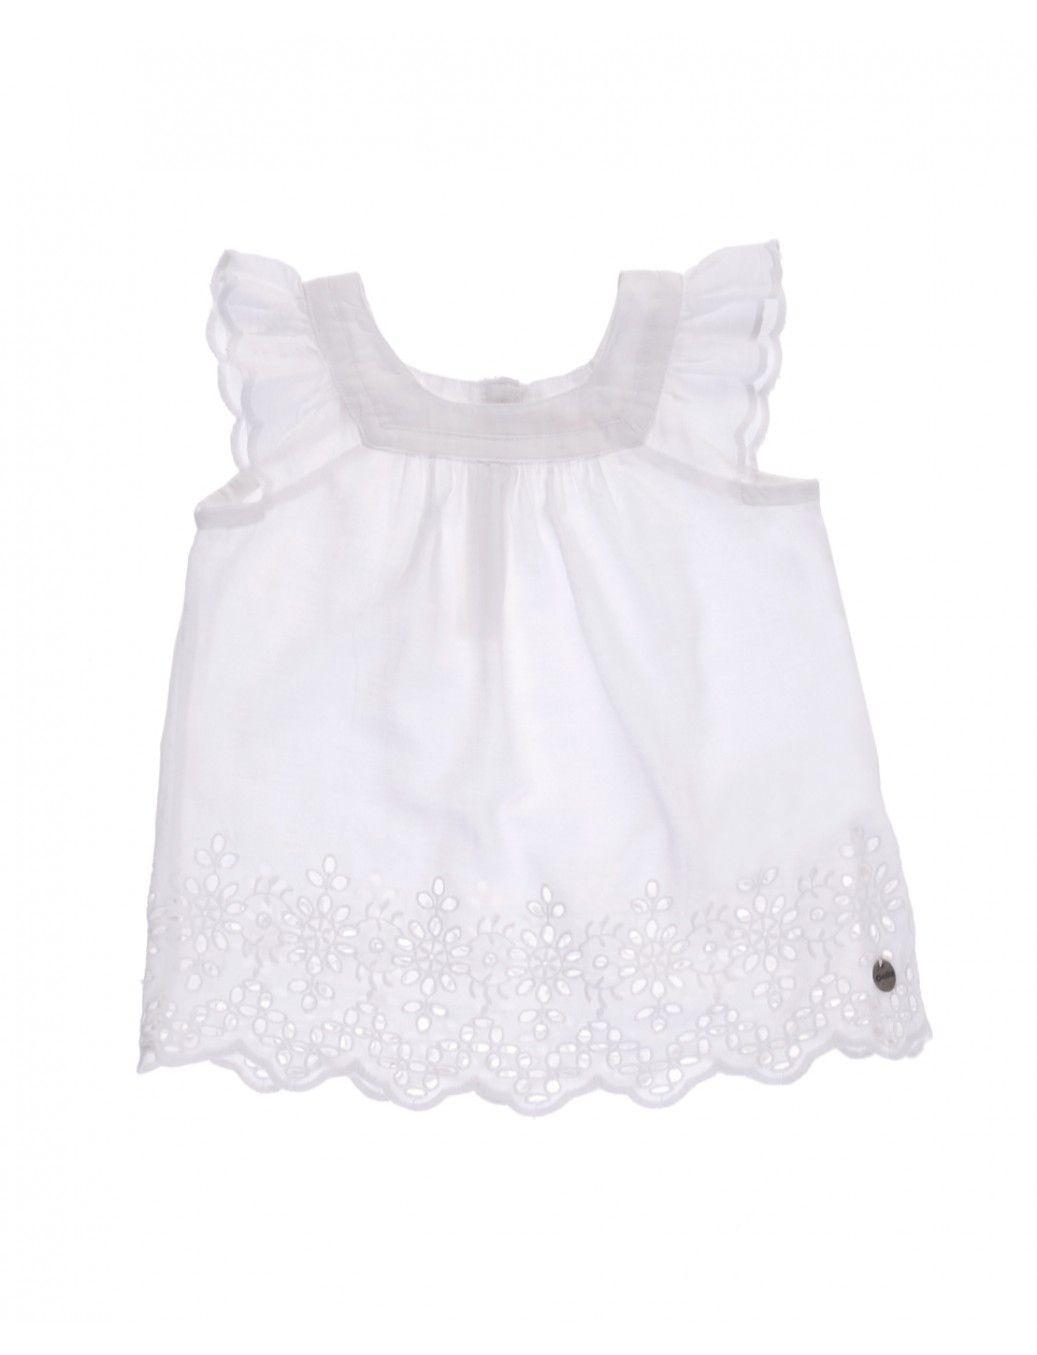 608913bad Blusa jazmin - Camisas - Bebés - Cheeky | ropitas | Bebe, Ropa bebe ...